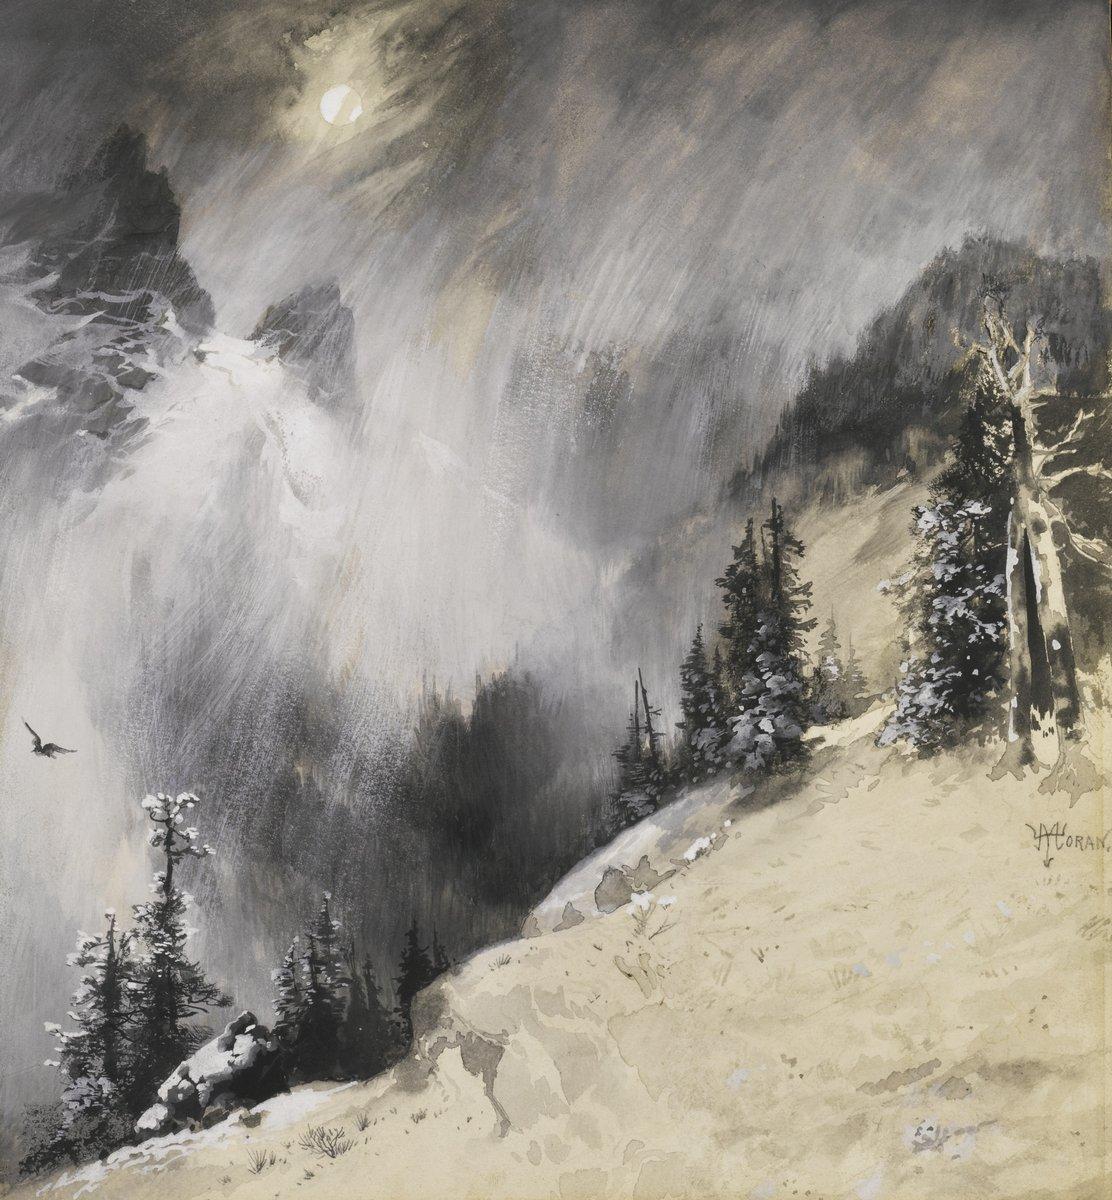 Художники, картина Моран Томас «Падающий снег», 20x22 см, на бумагеРазные американские художники 19-20 веков<br>Постер на холсте или бумаге. Любого нужного вам размера. В раме или без. Подвес в комплекте. Трехслойная надежная упаковка. Доставим в любую точку России. Вам осталось только повесить картину на стену!<br>